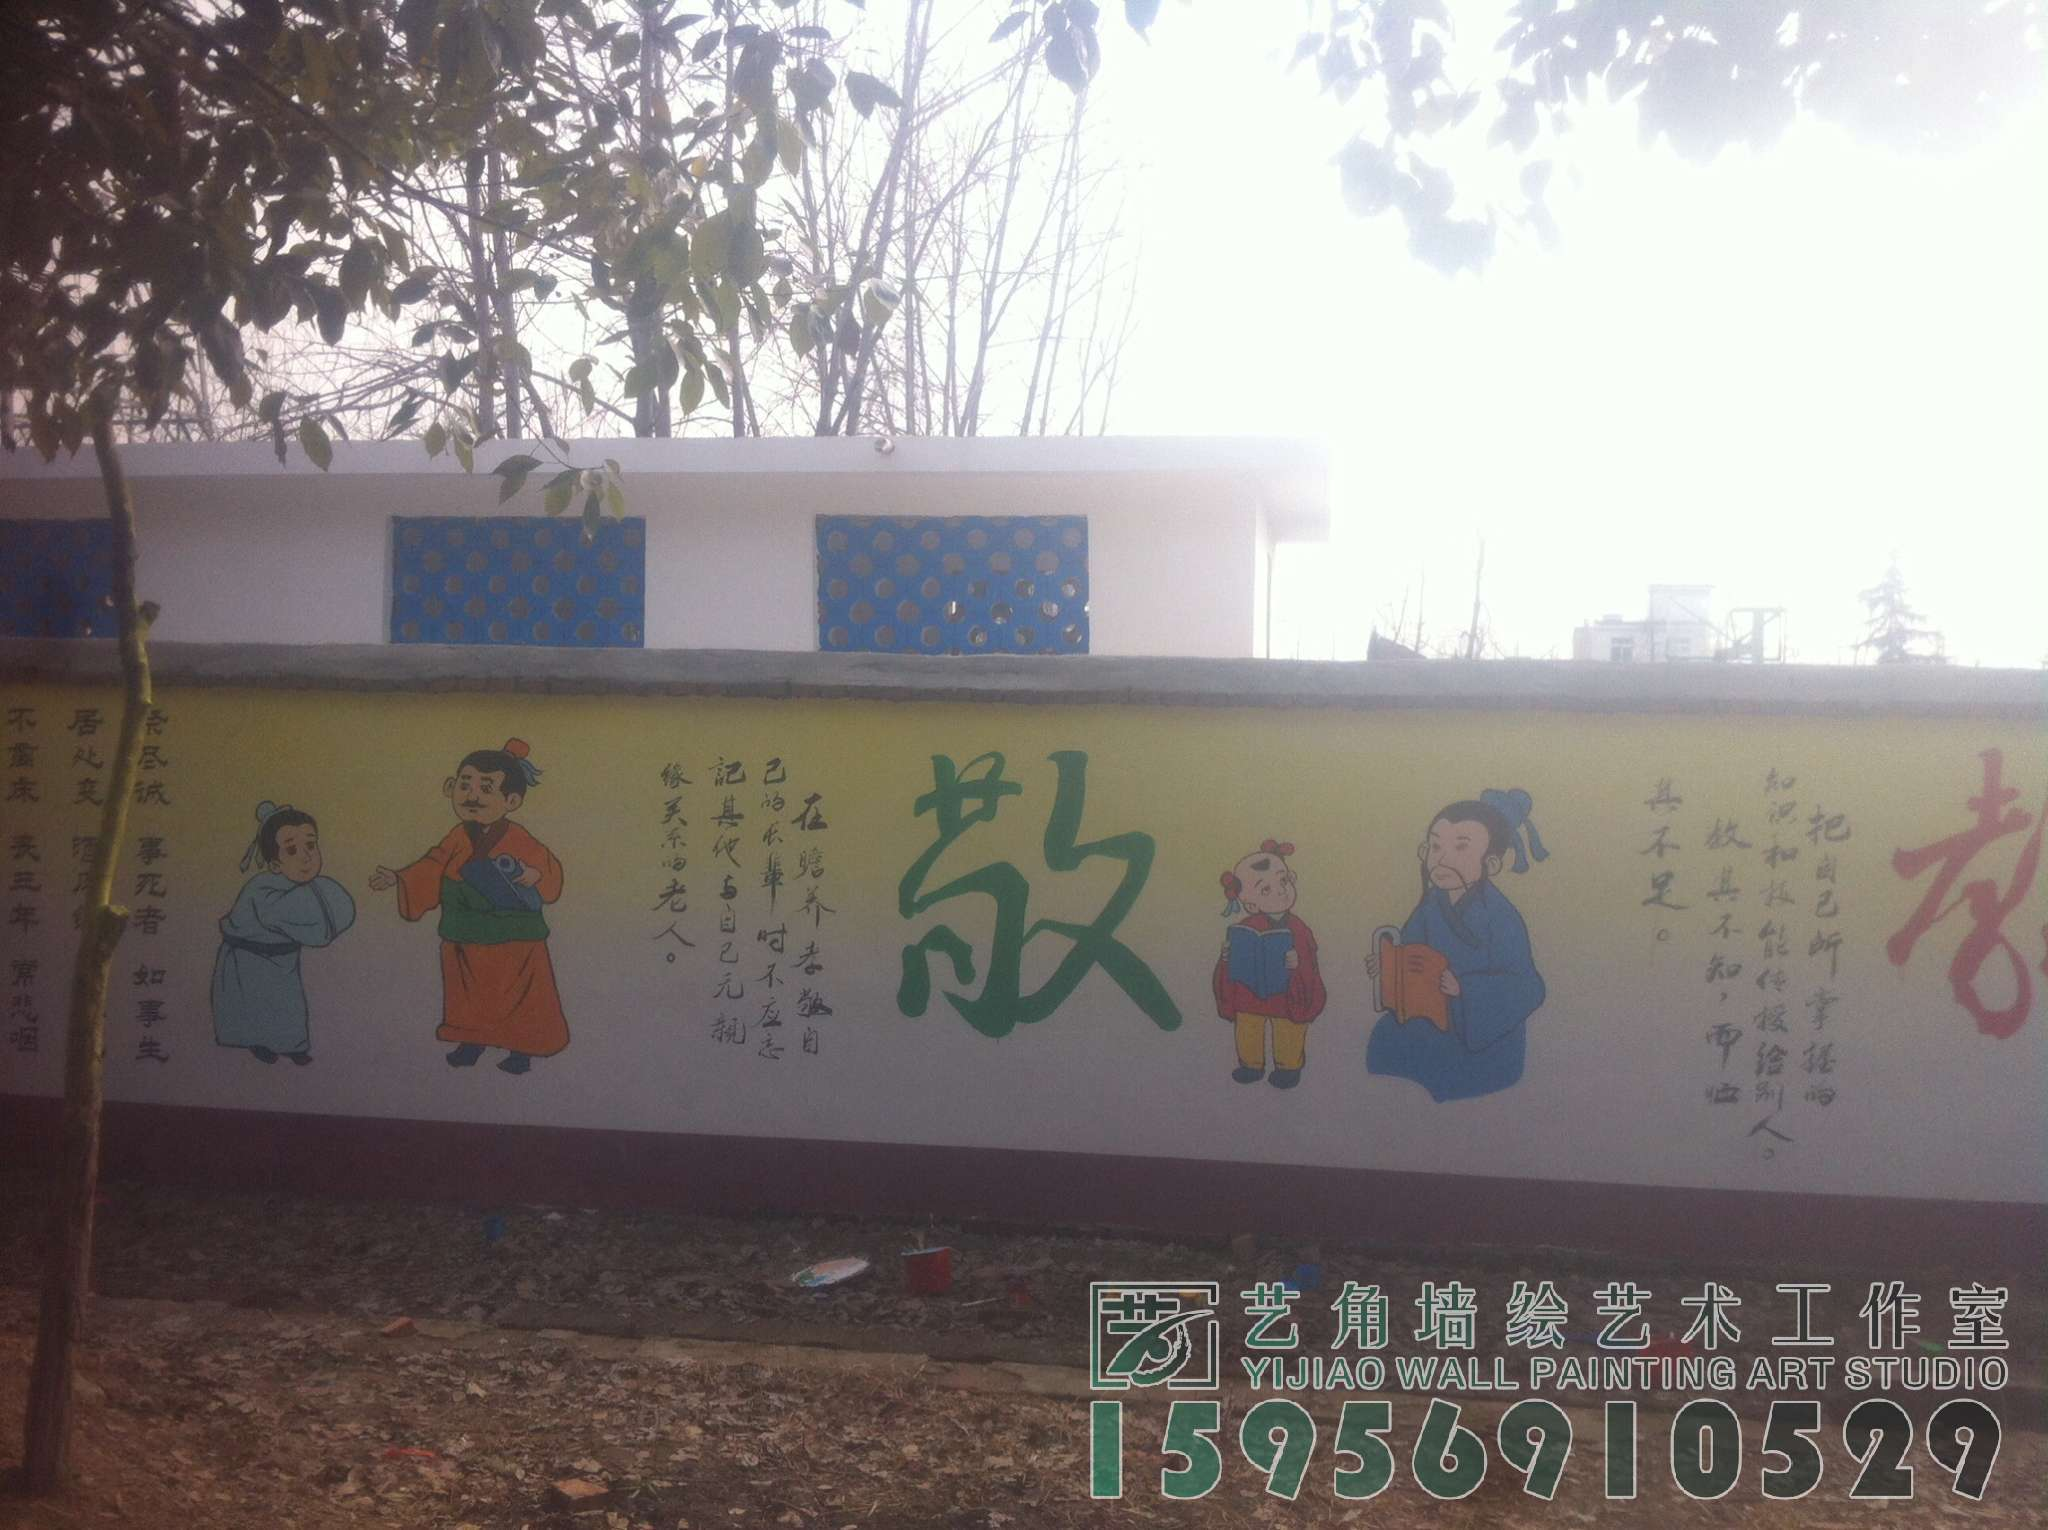 三字经主题文化墙 下一个:安徽省颍上县周圩小学校园文化墙彩绘